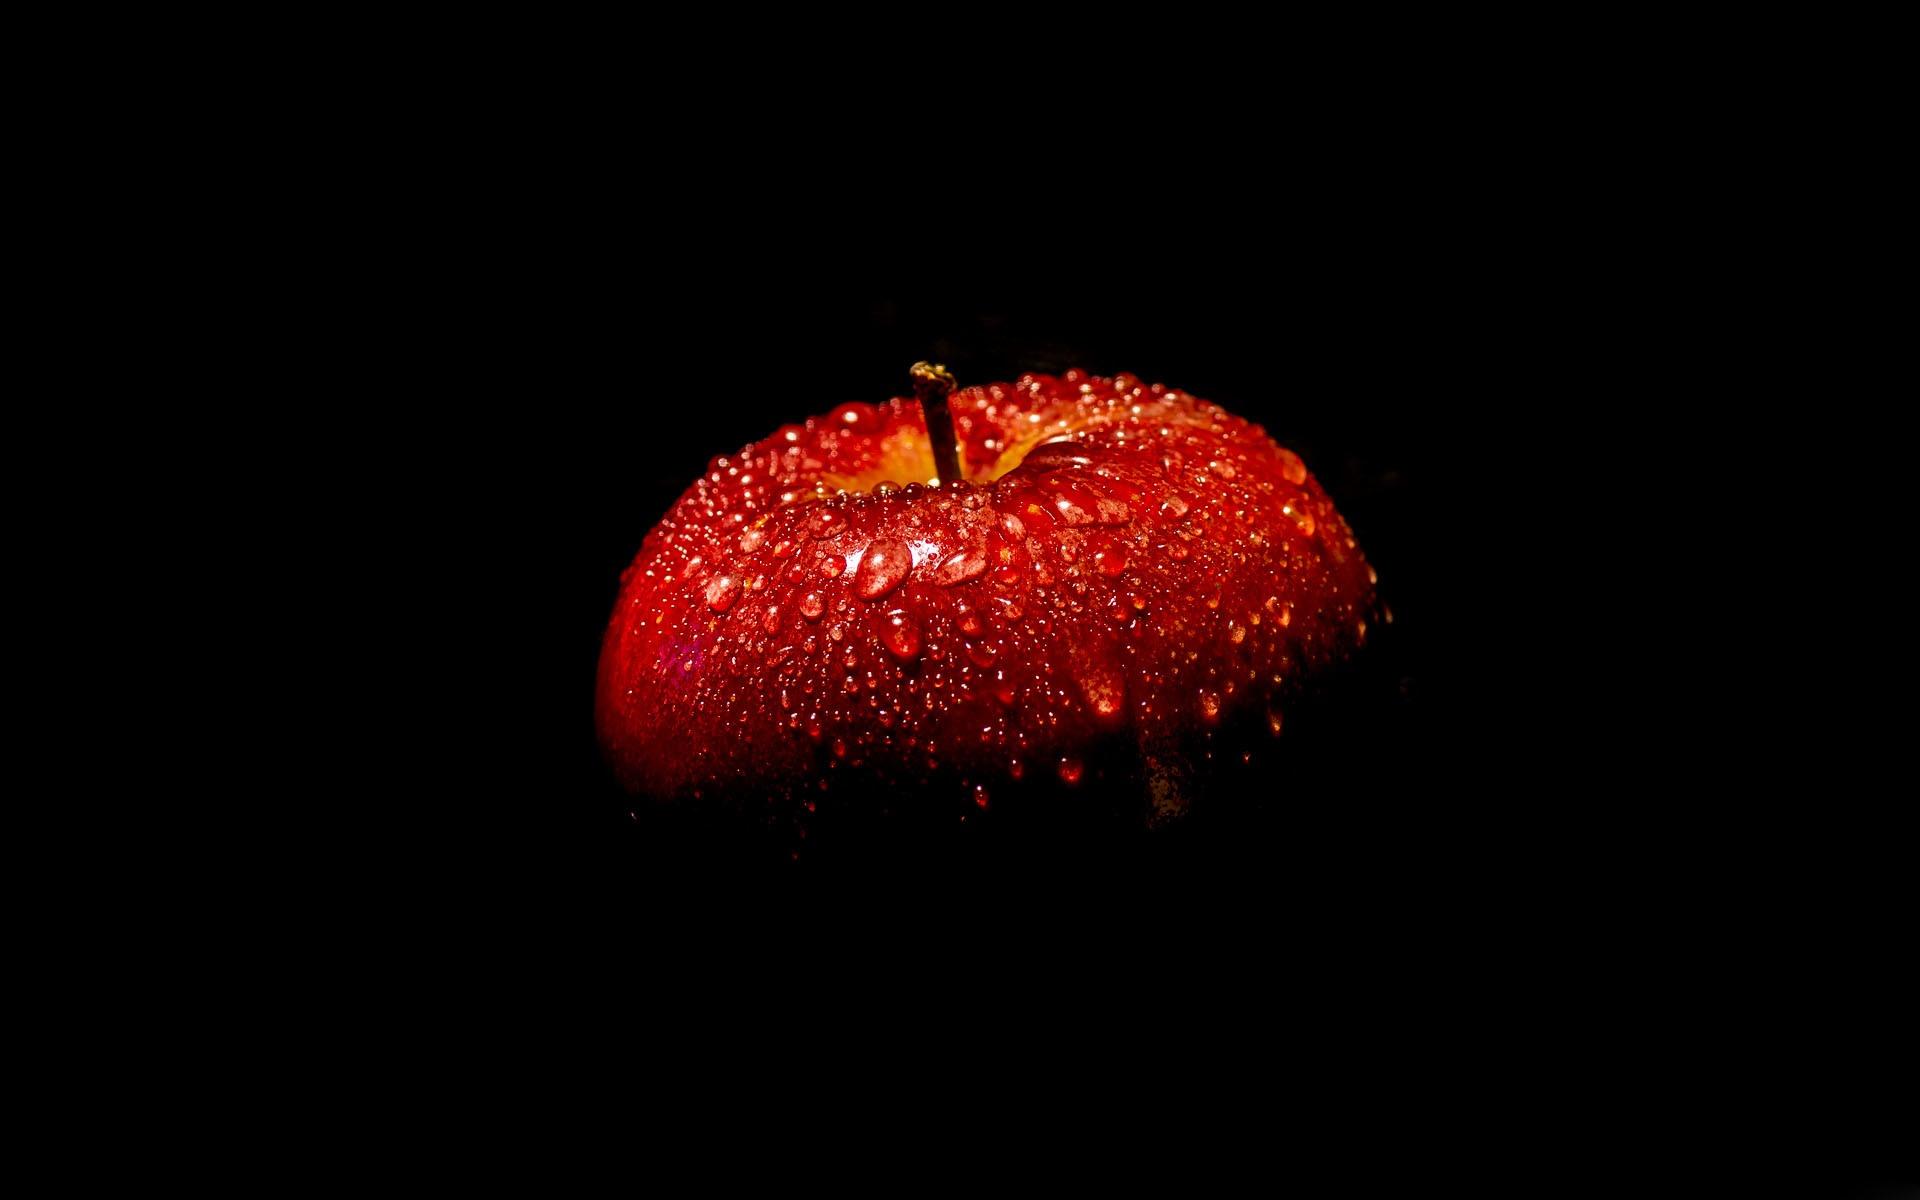 Fonds d 39 cran pomme rouge fond noir 1920x1200 hd image for Fond ecran casa de papel